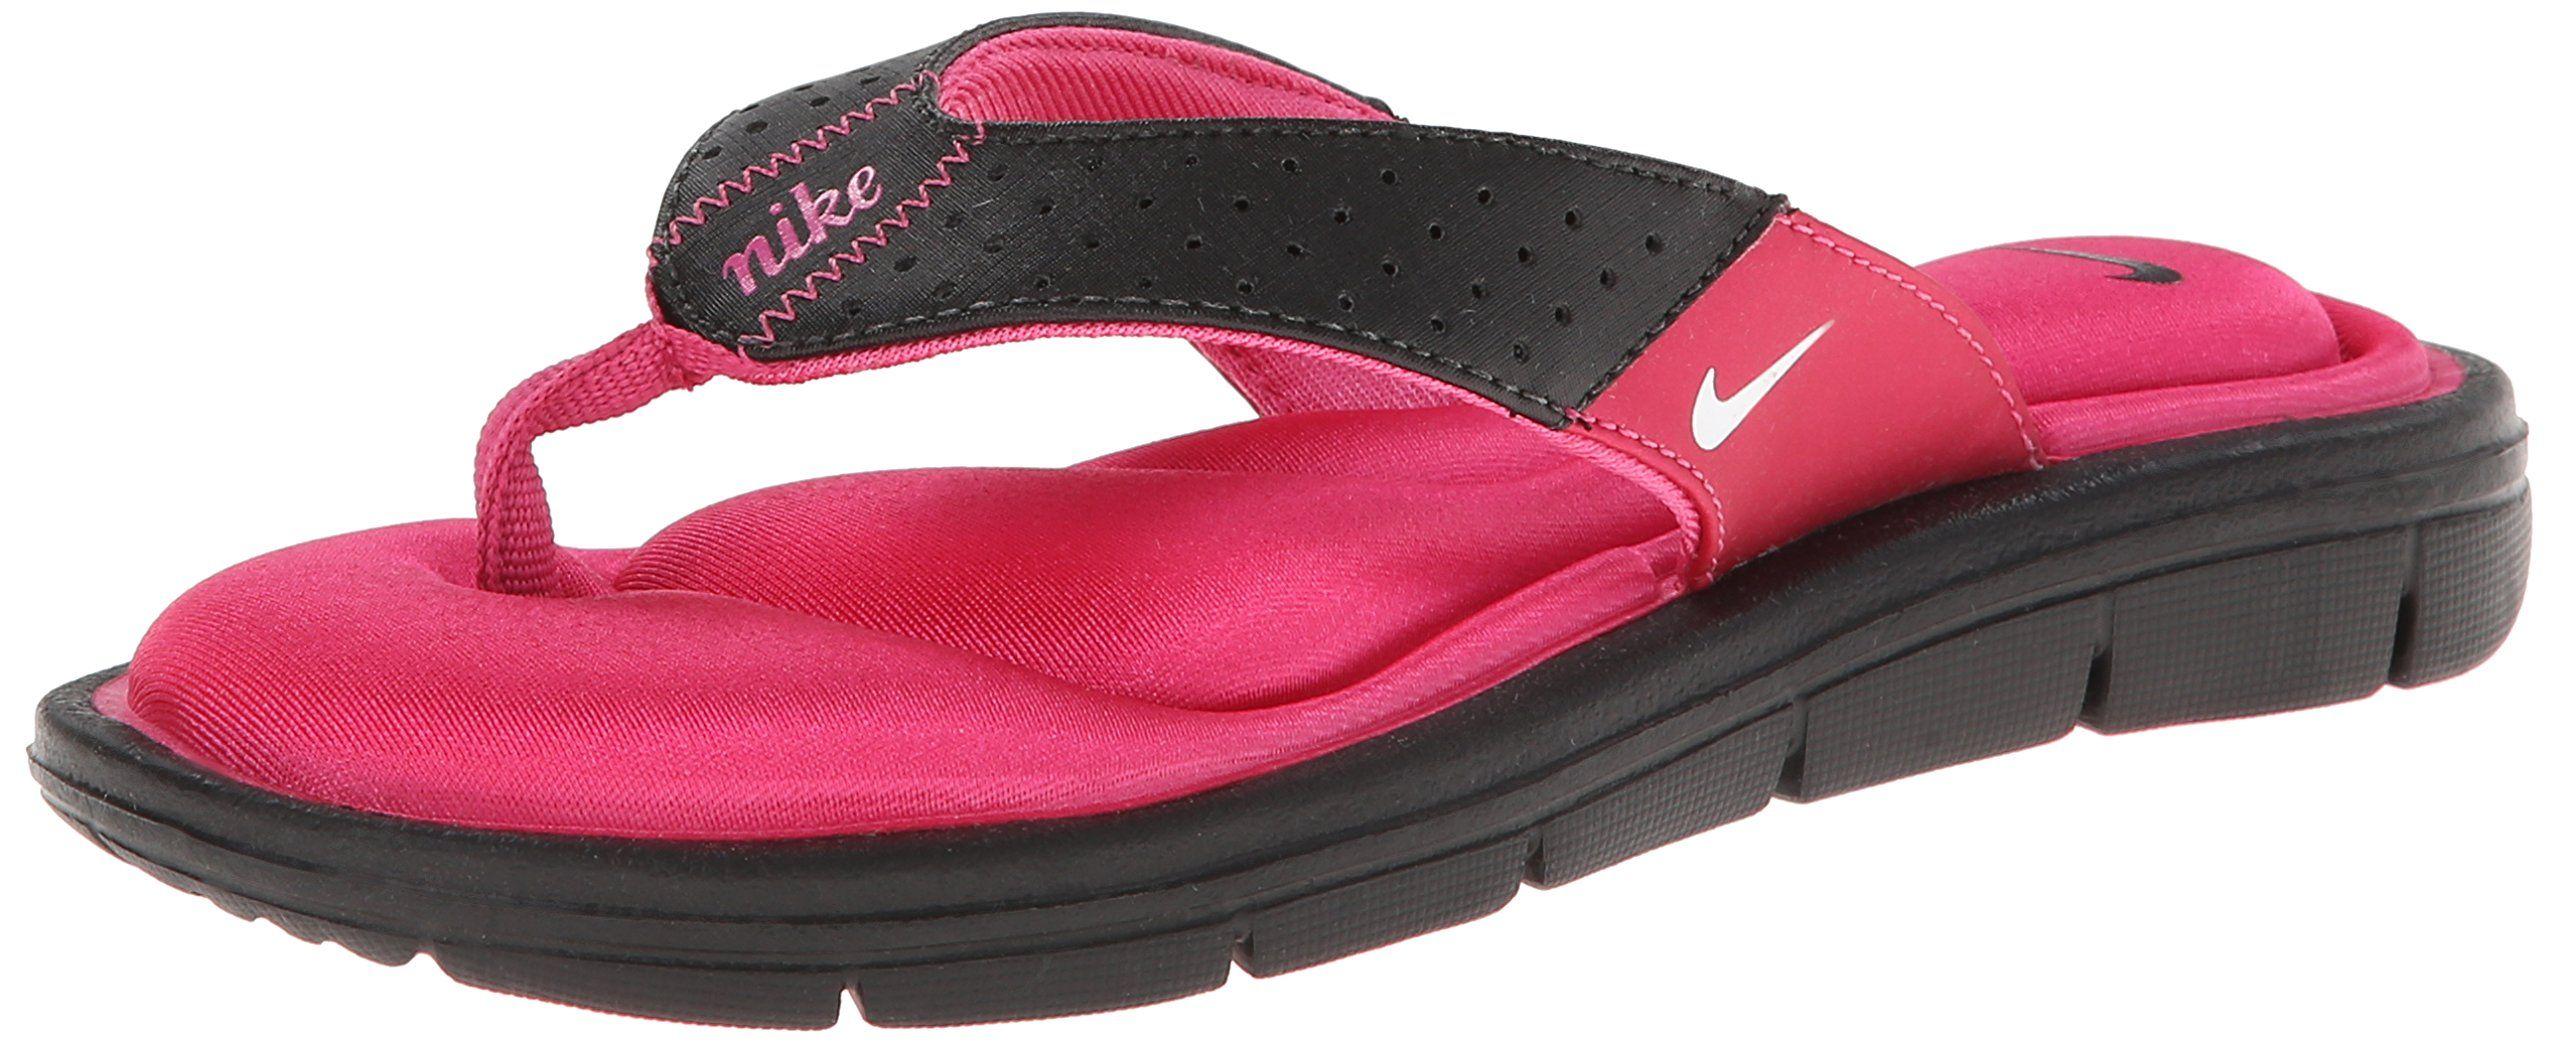 e56de10941f87d Nike Womens Comfort Thong Sandal Black Pink White Size 8